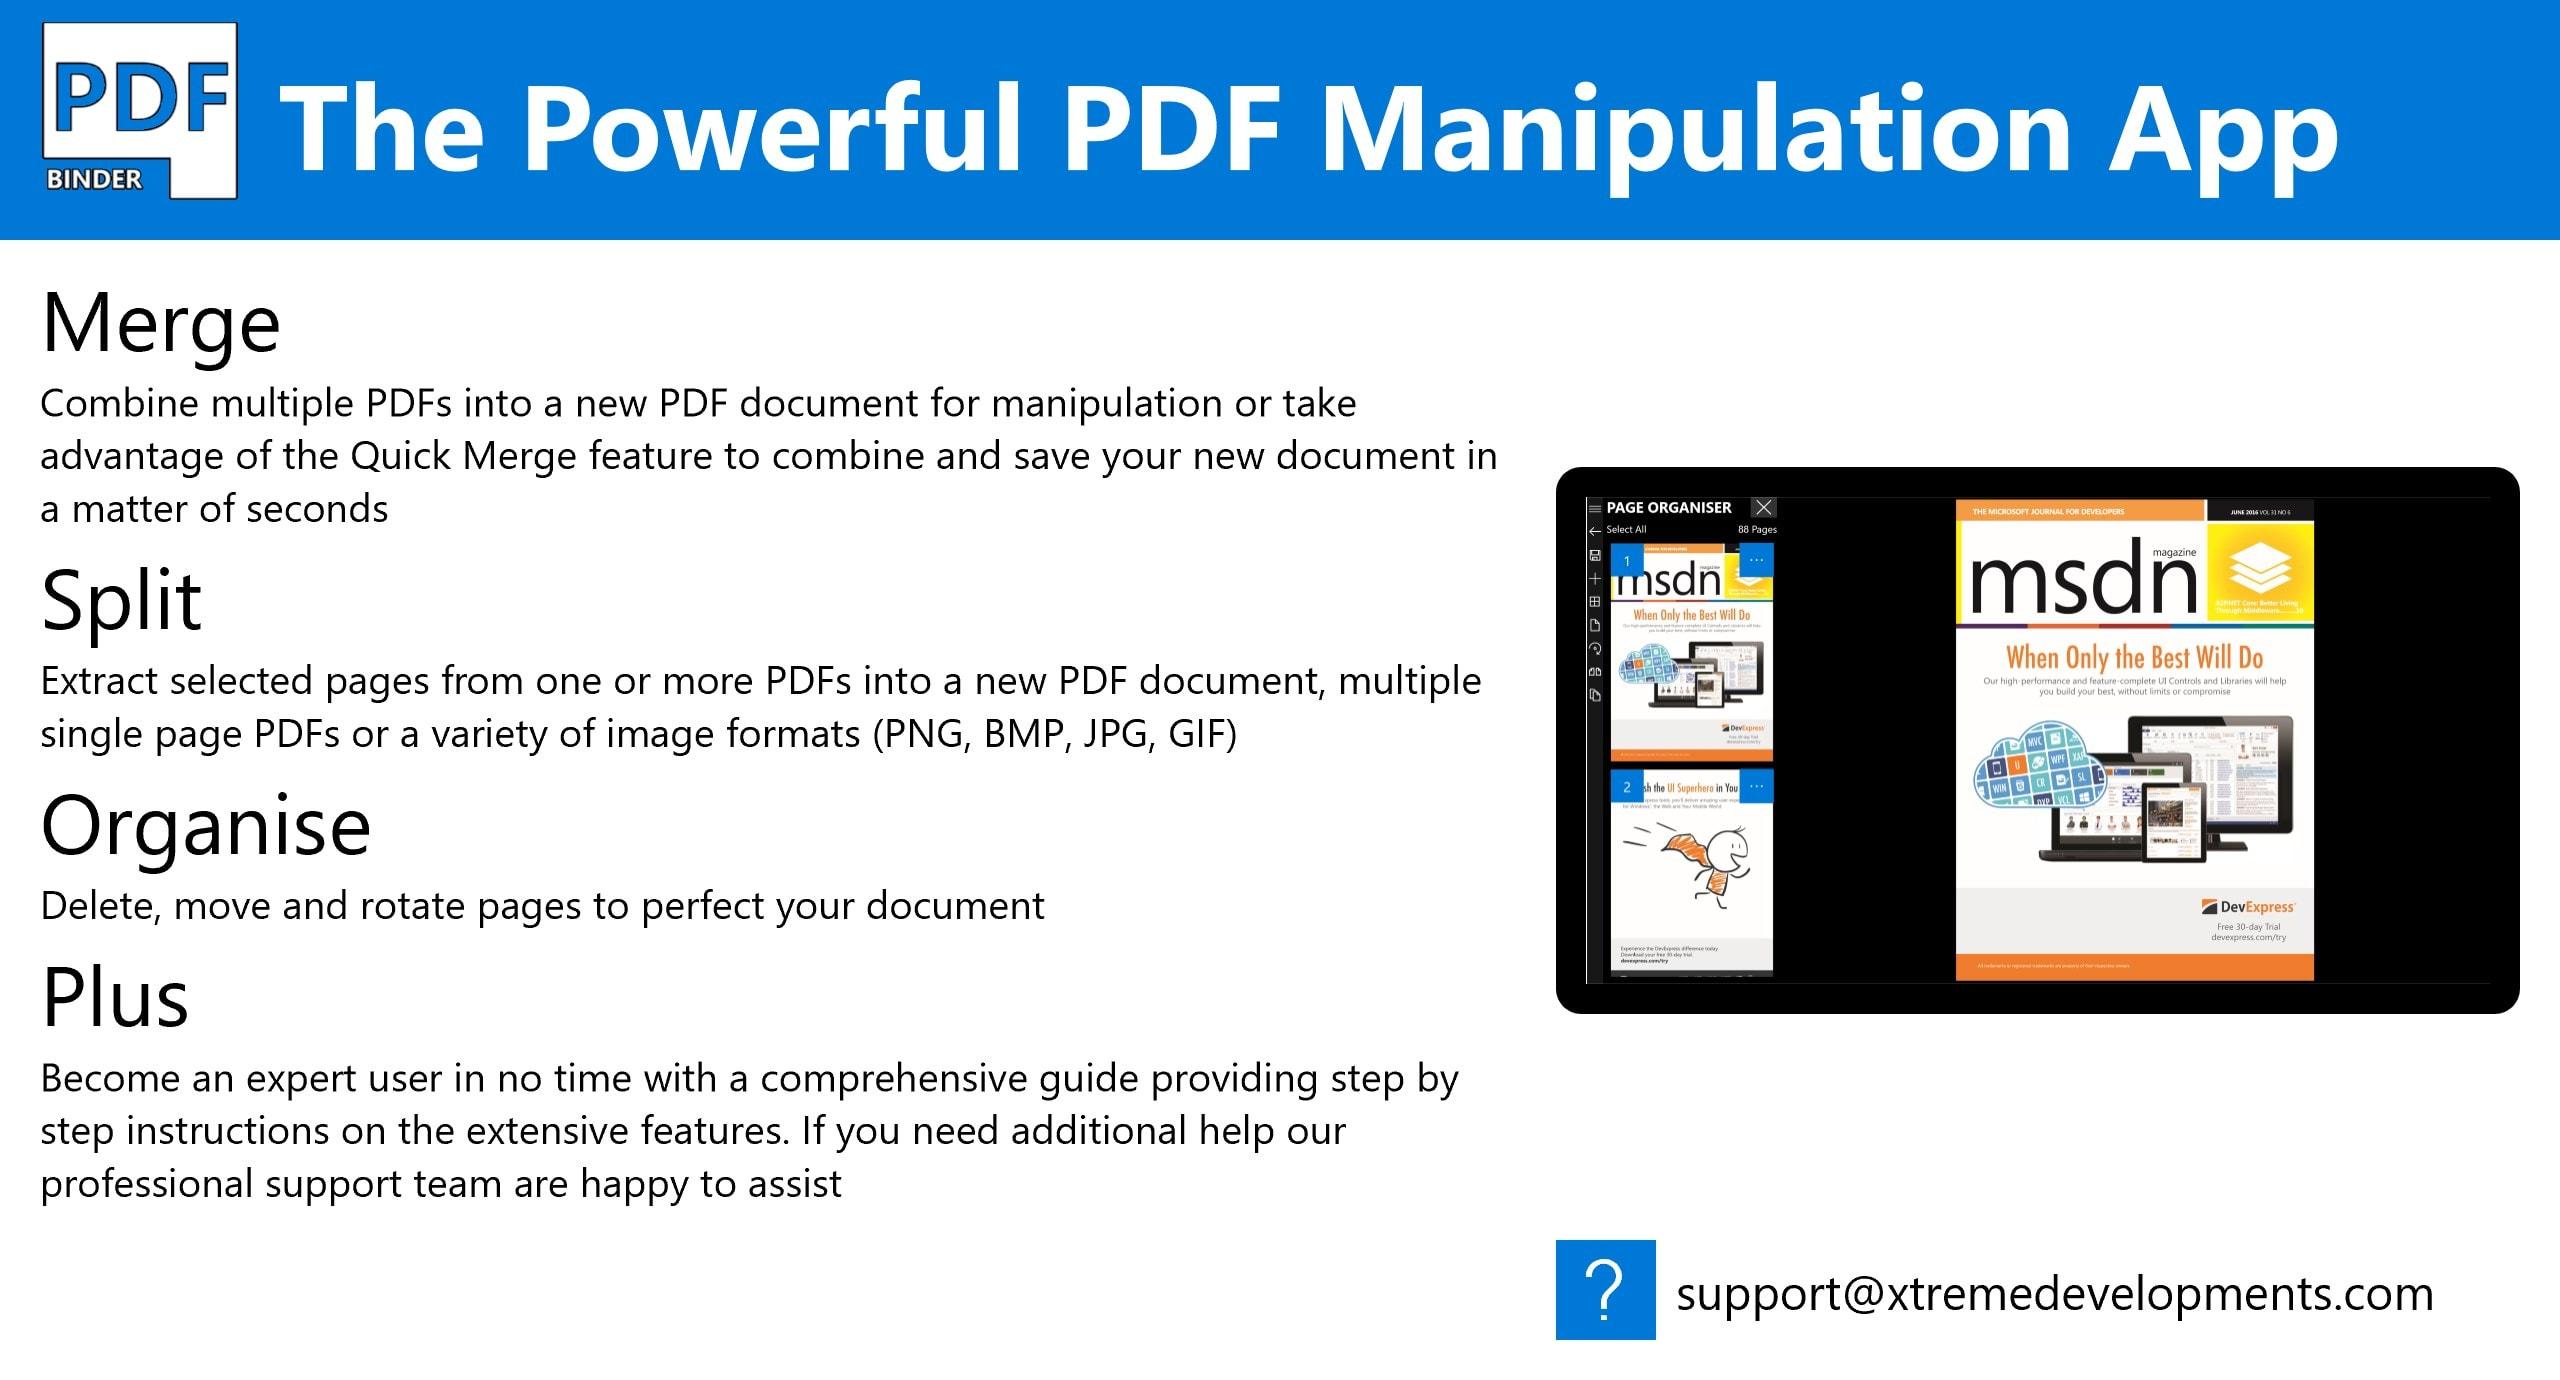 PDF Binder